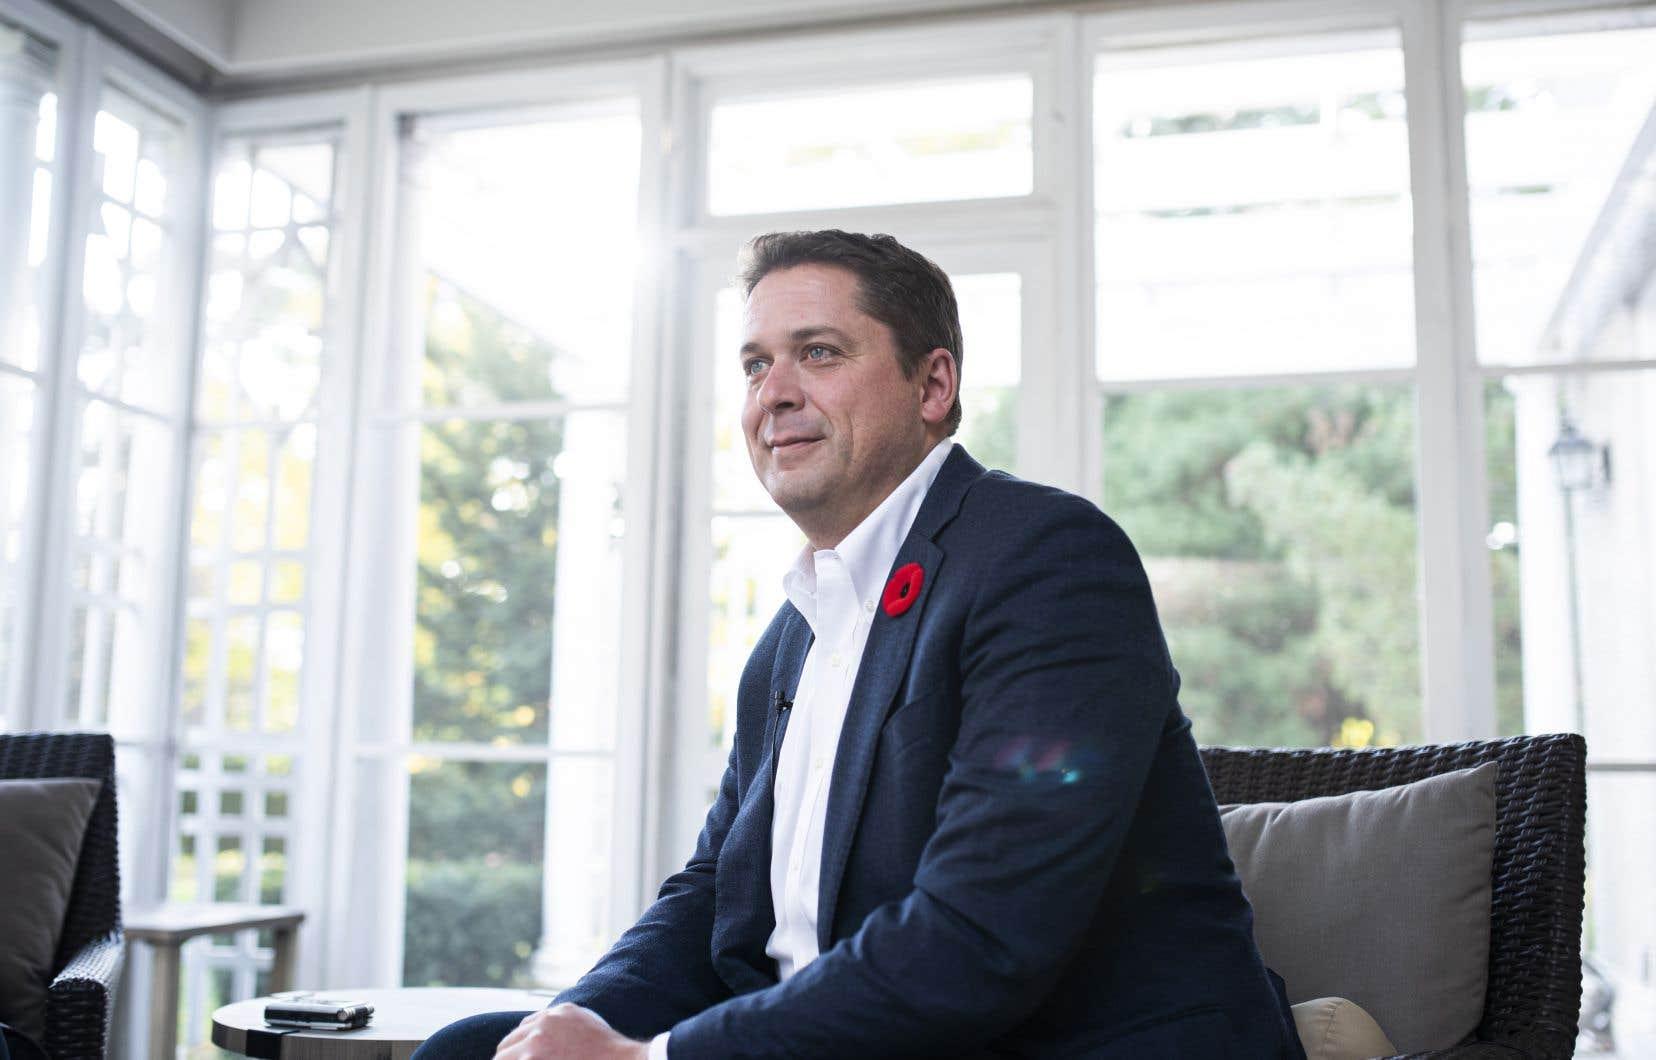 Un porte-parole de M.Scheer a déclaré que le pays était plus divisé que jamais et que M.Trudeau devait immédiatement rappeler la Chambre des communes pour régler des problèmes urgents.